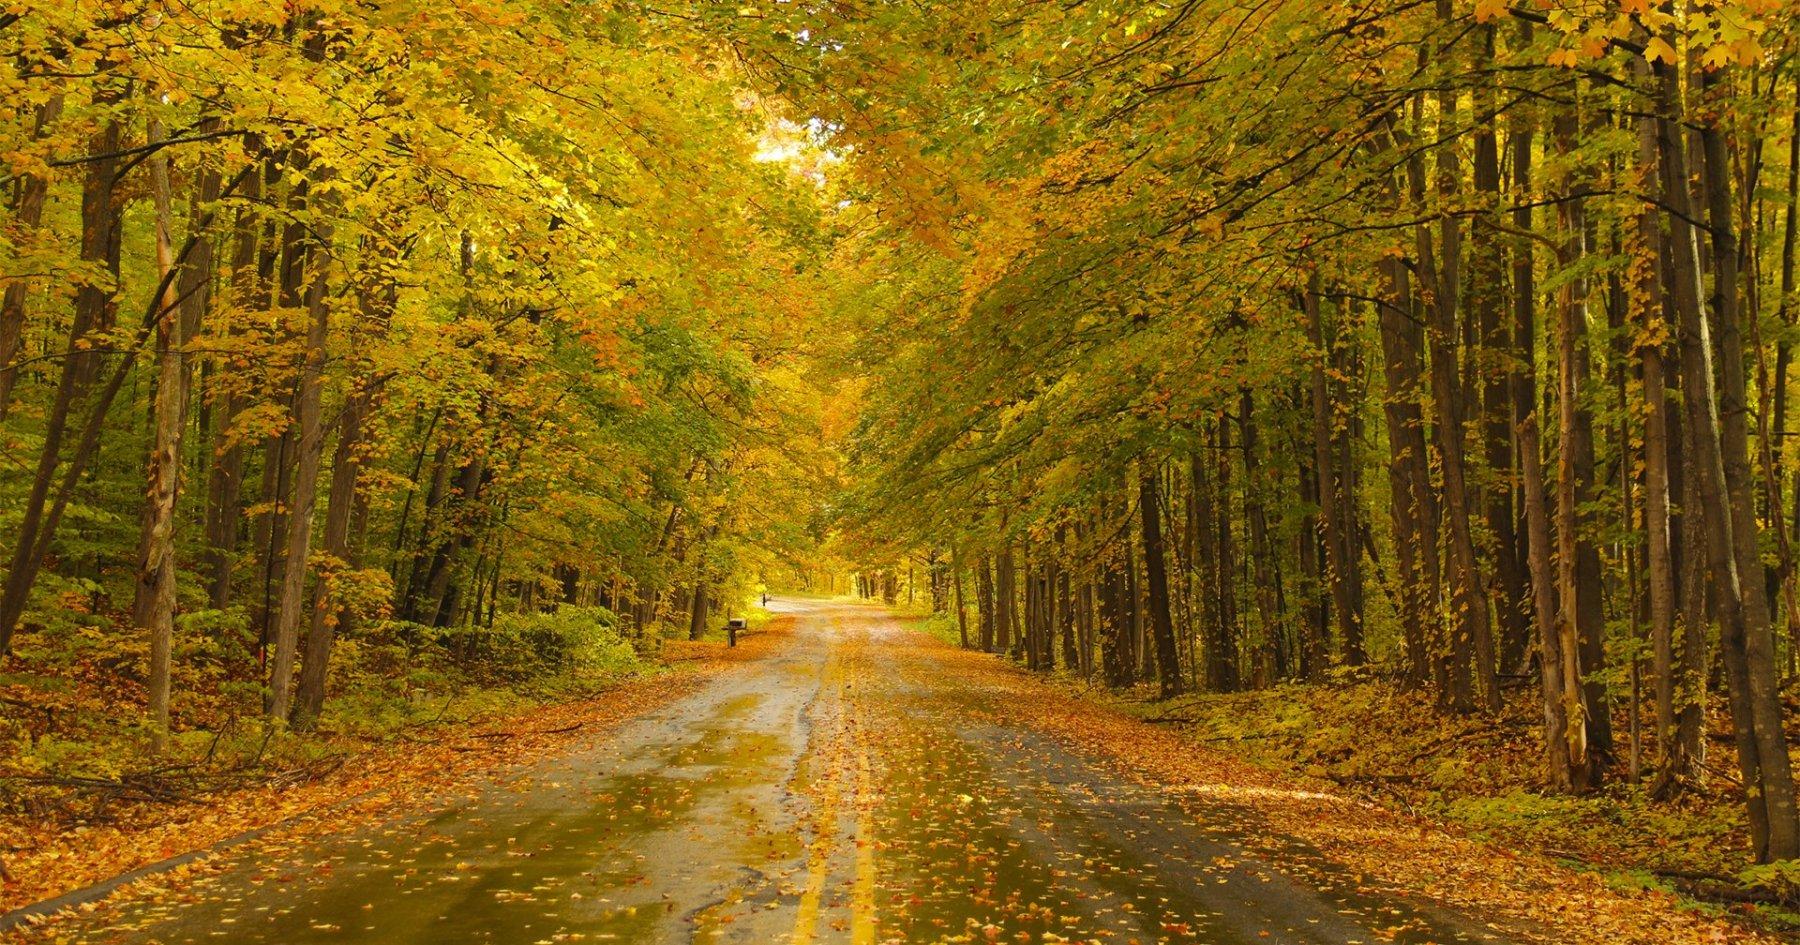 This Fall Drive. That Michigan Farmhouse.